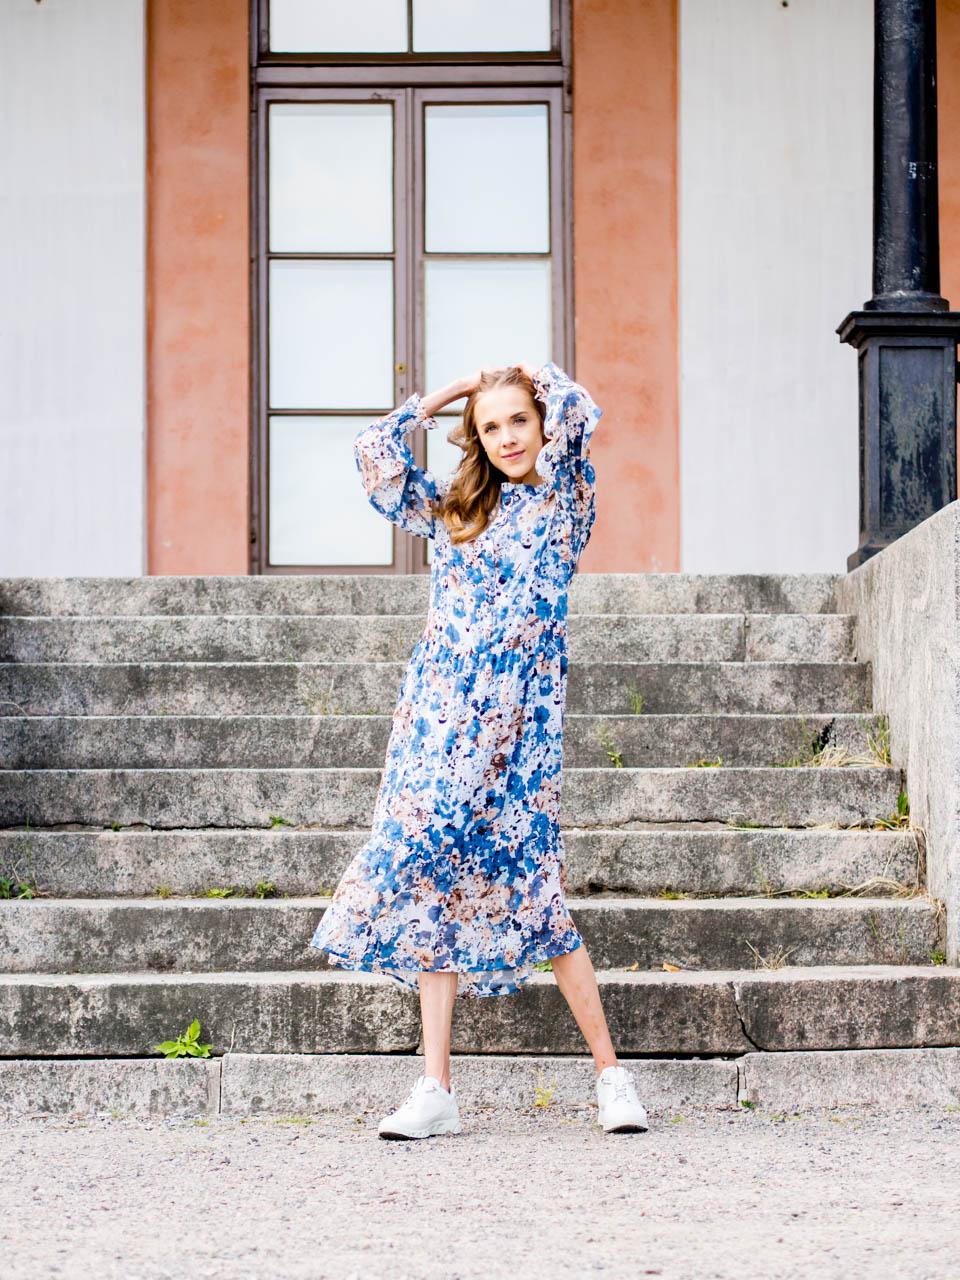 chunky-sneakers-floral-maxi-dress-outfit-fashion-blogger-streetstyle-scandinavia-muotibloggaaja-helsinki-kukkamekko-maksimekko-kesämekko-lenkkarit